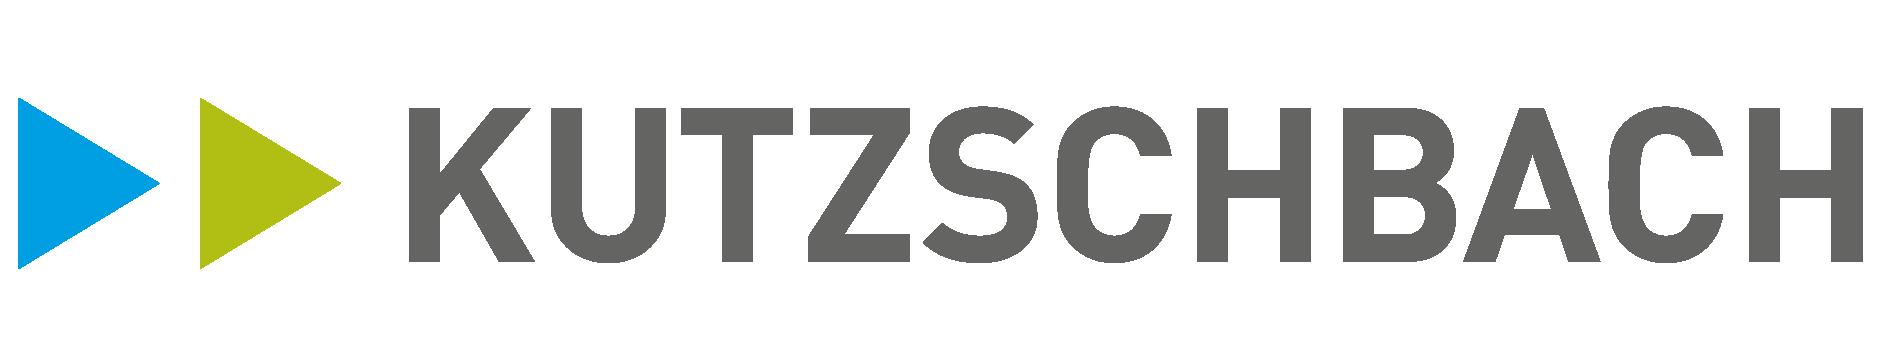 Kutzschbach